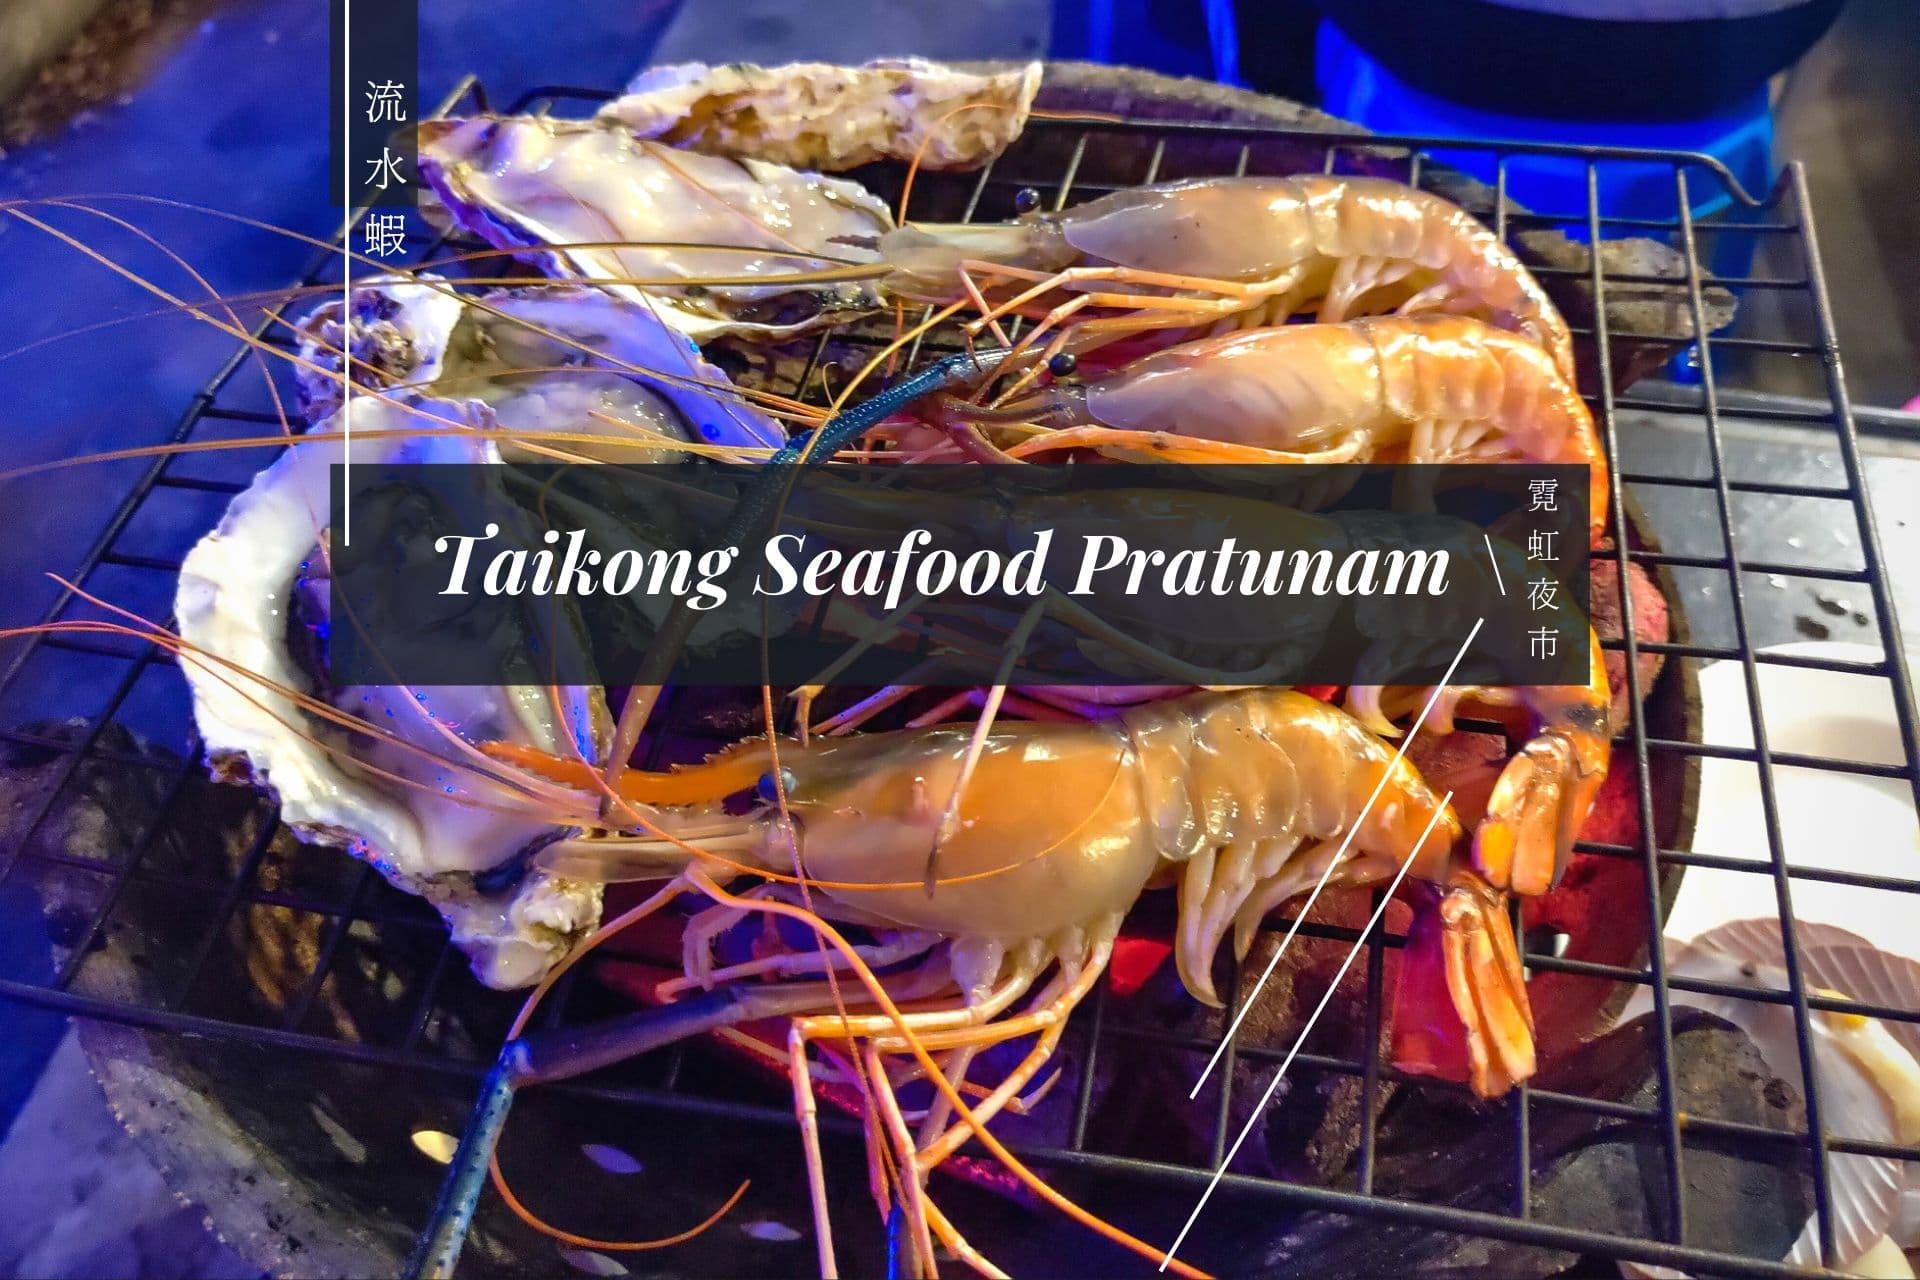 霓虹夜市 Taikong Seafood